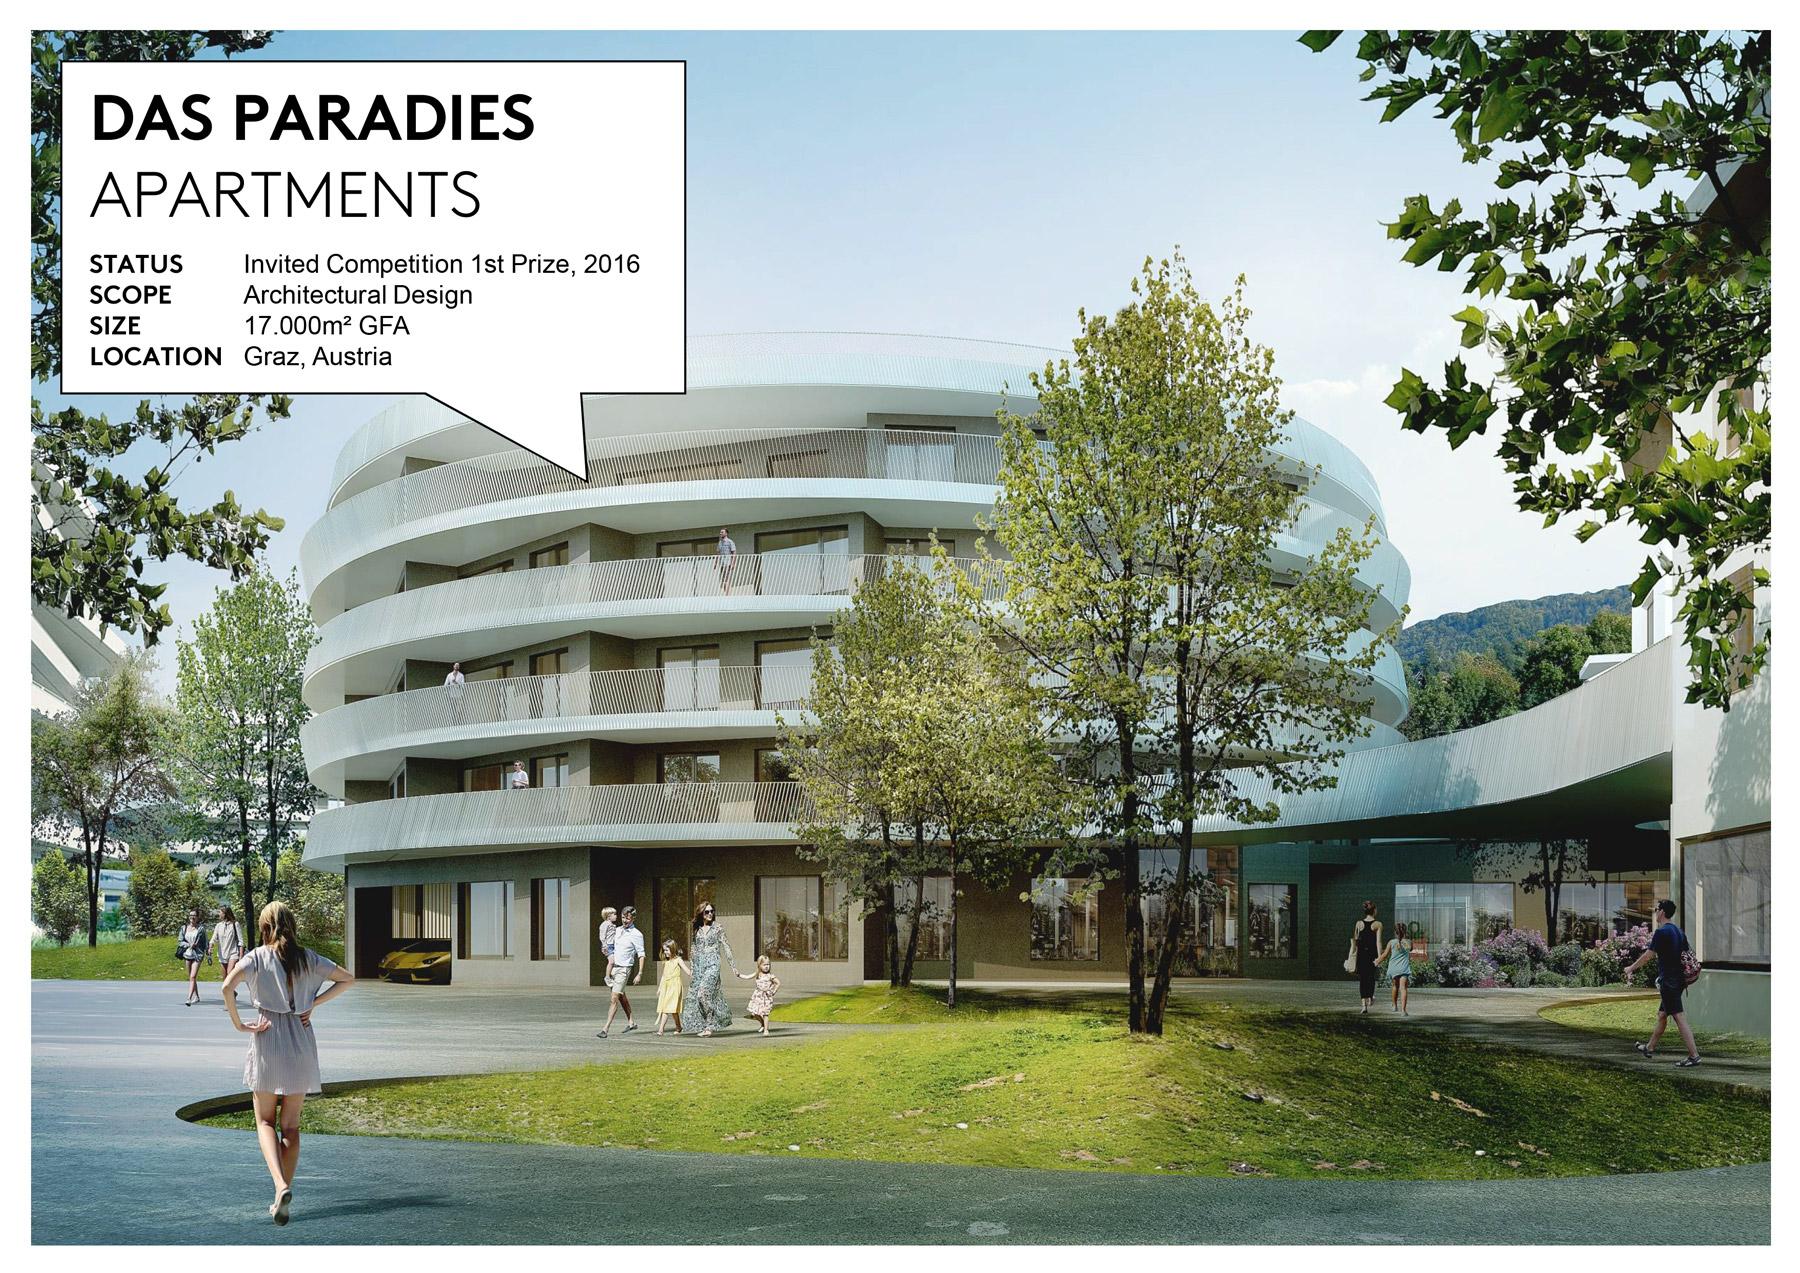 283_Das_Paradies_Slide_02